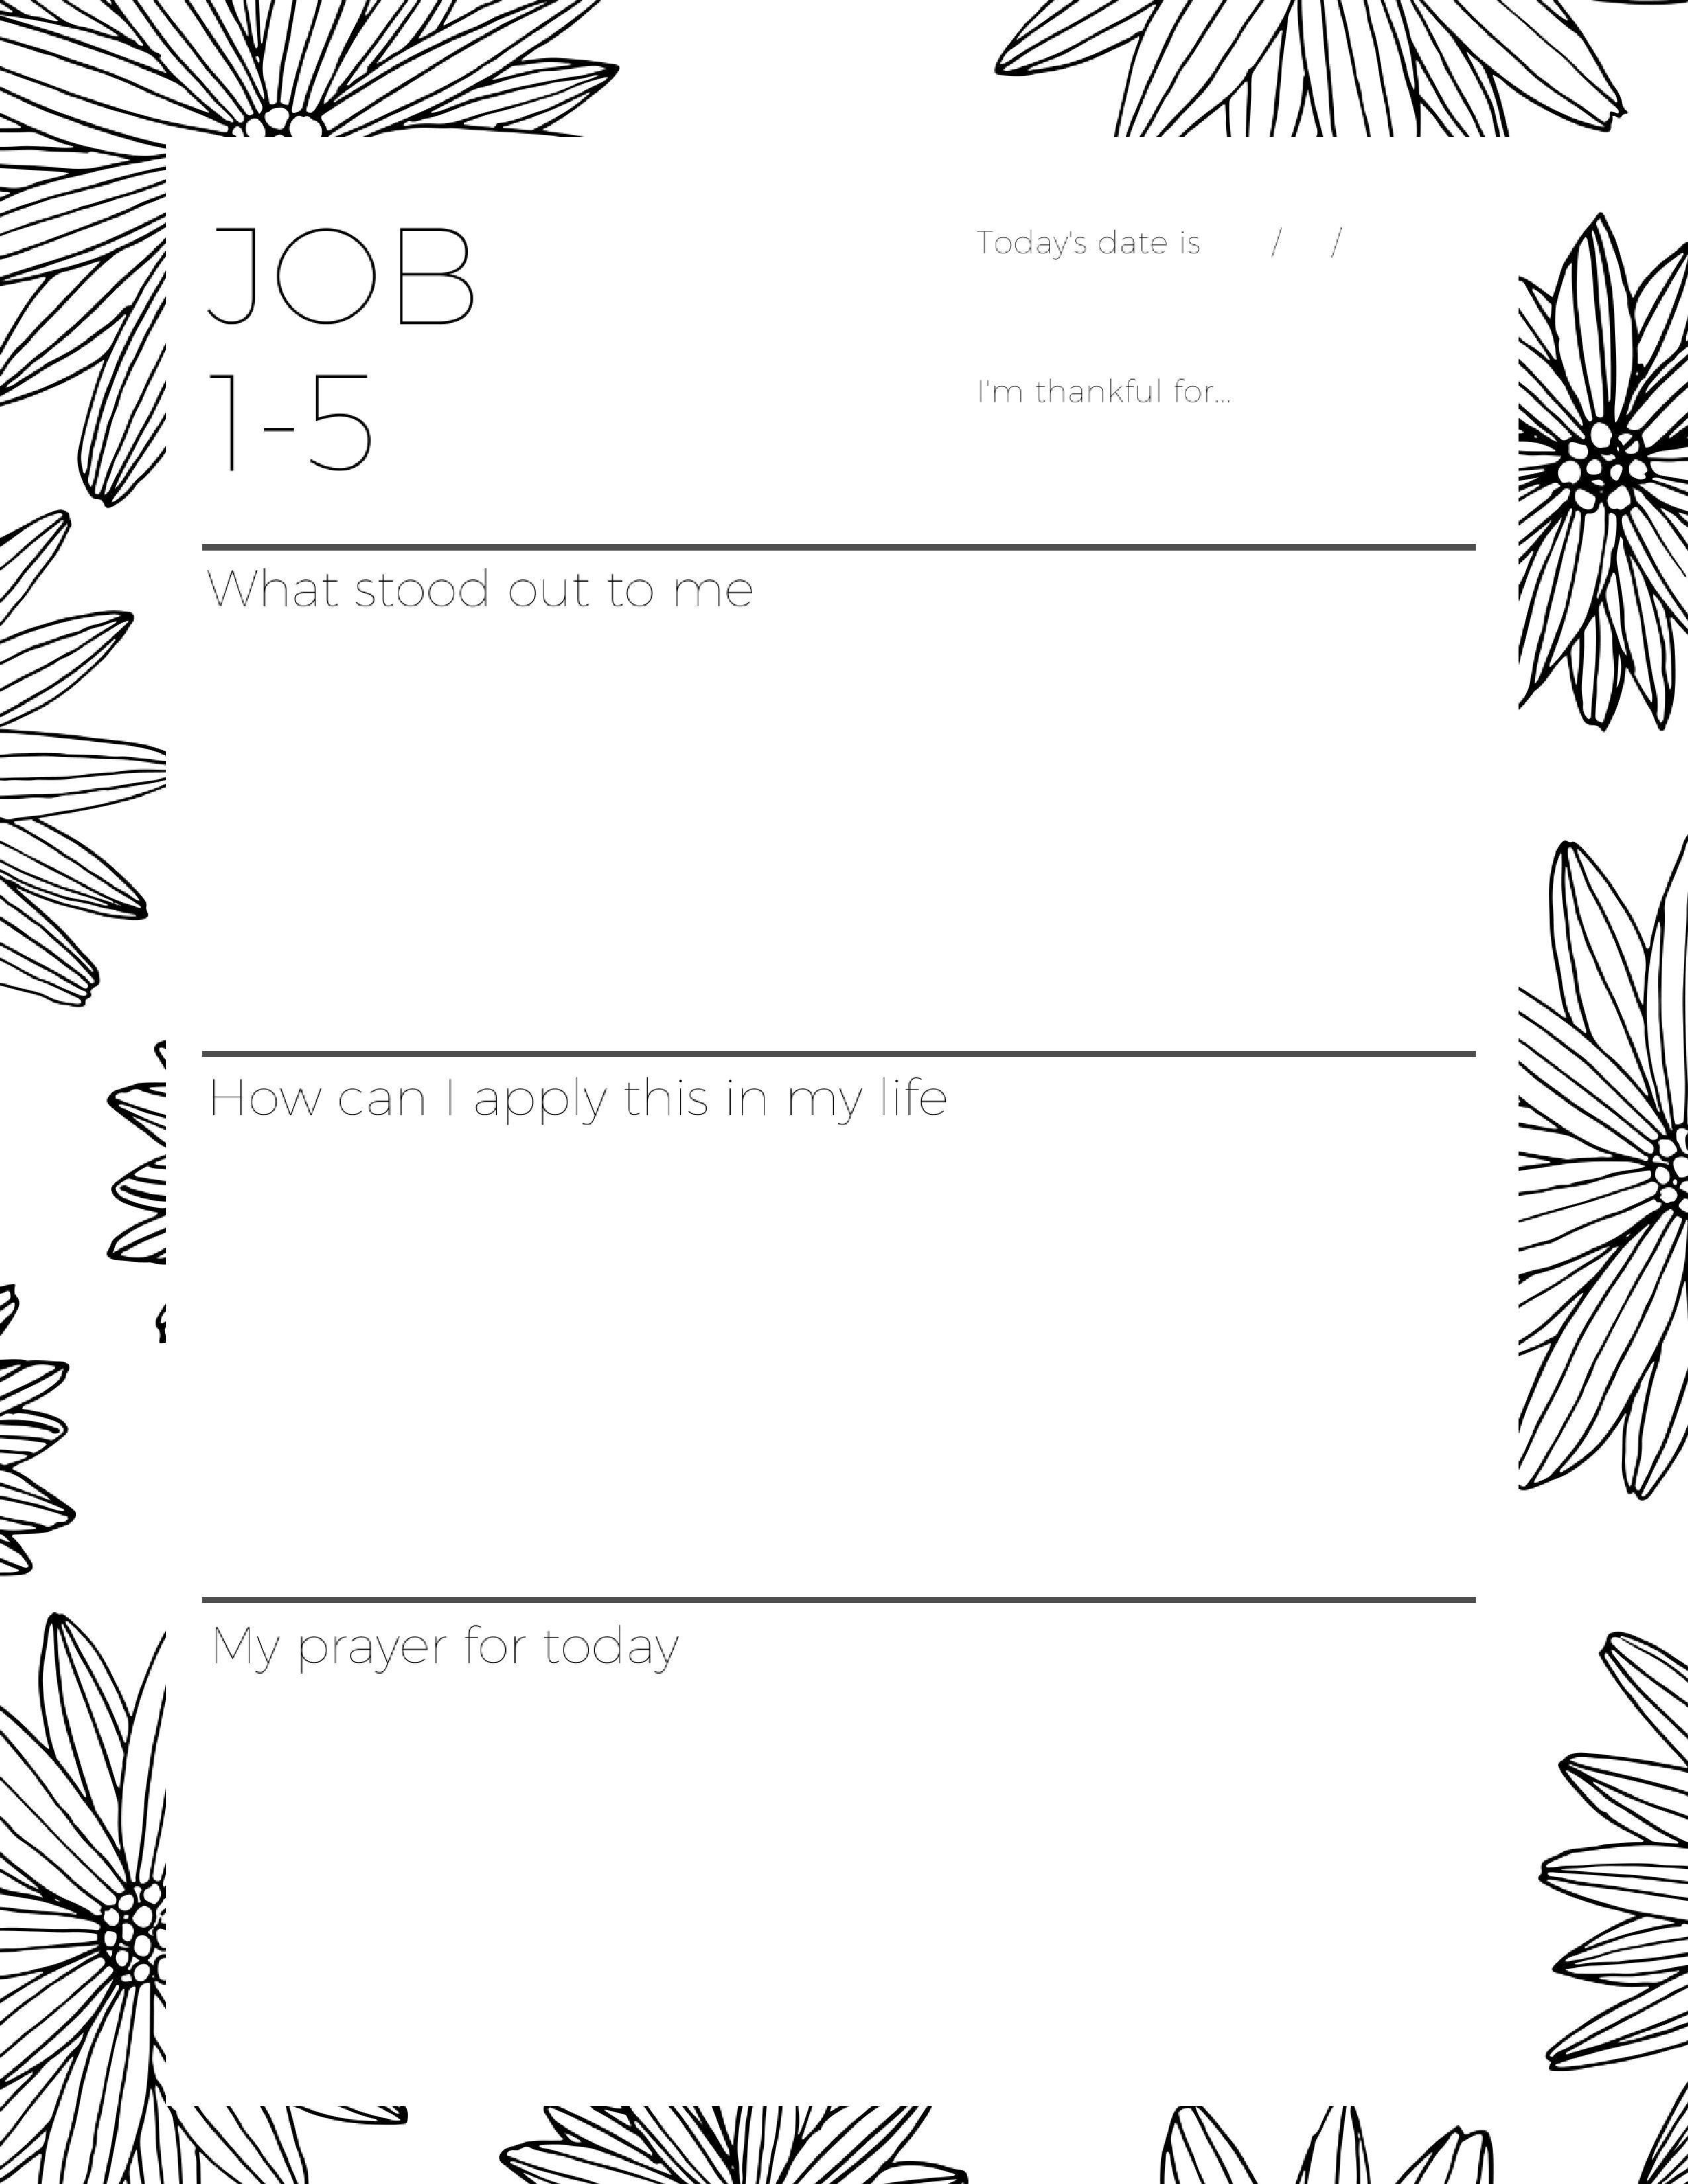 The Job Bible Study Companion (Printable Journal) | Bible Journaling - Free Printable Bible Study Lessons Genesis